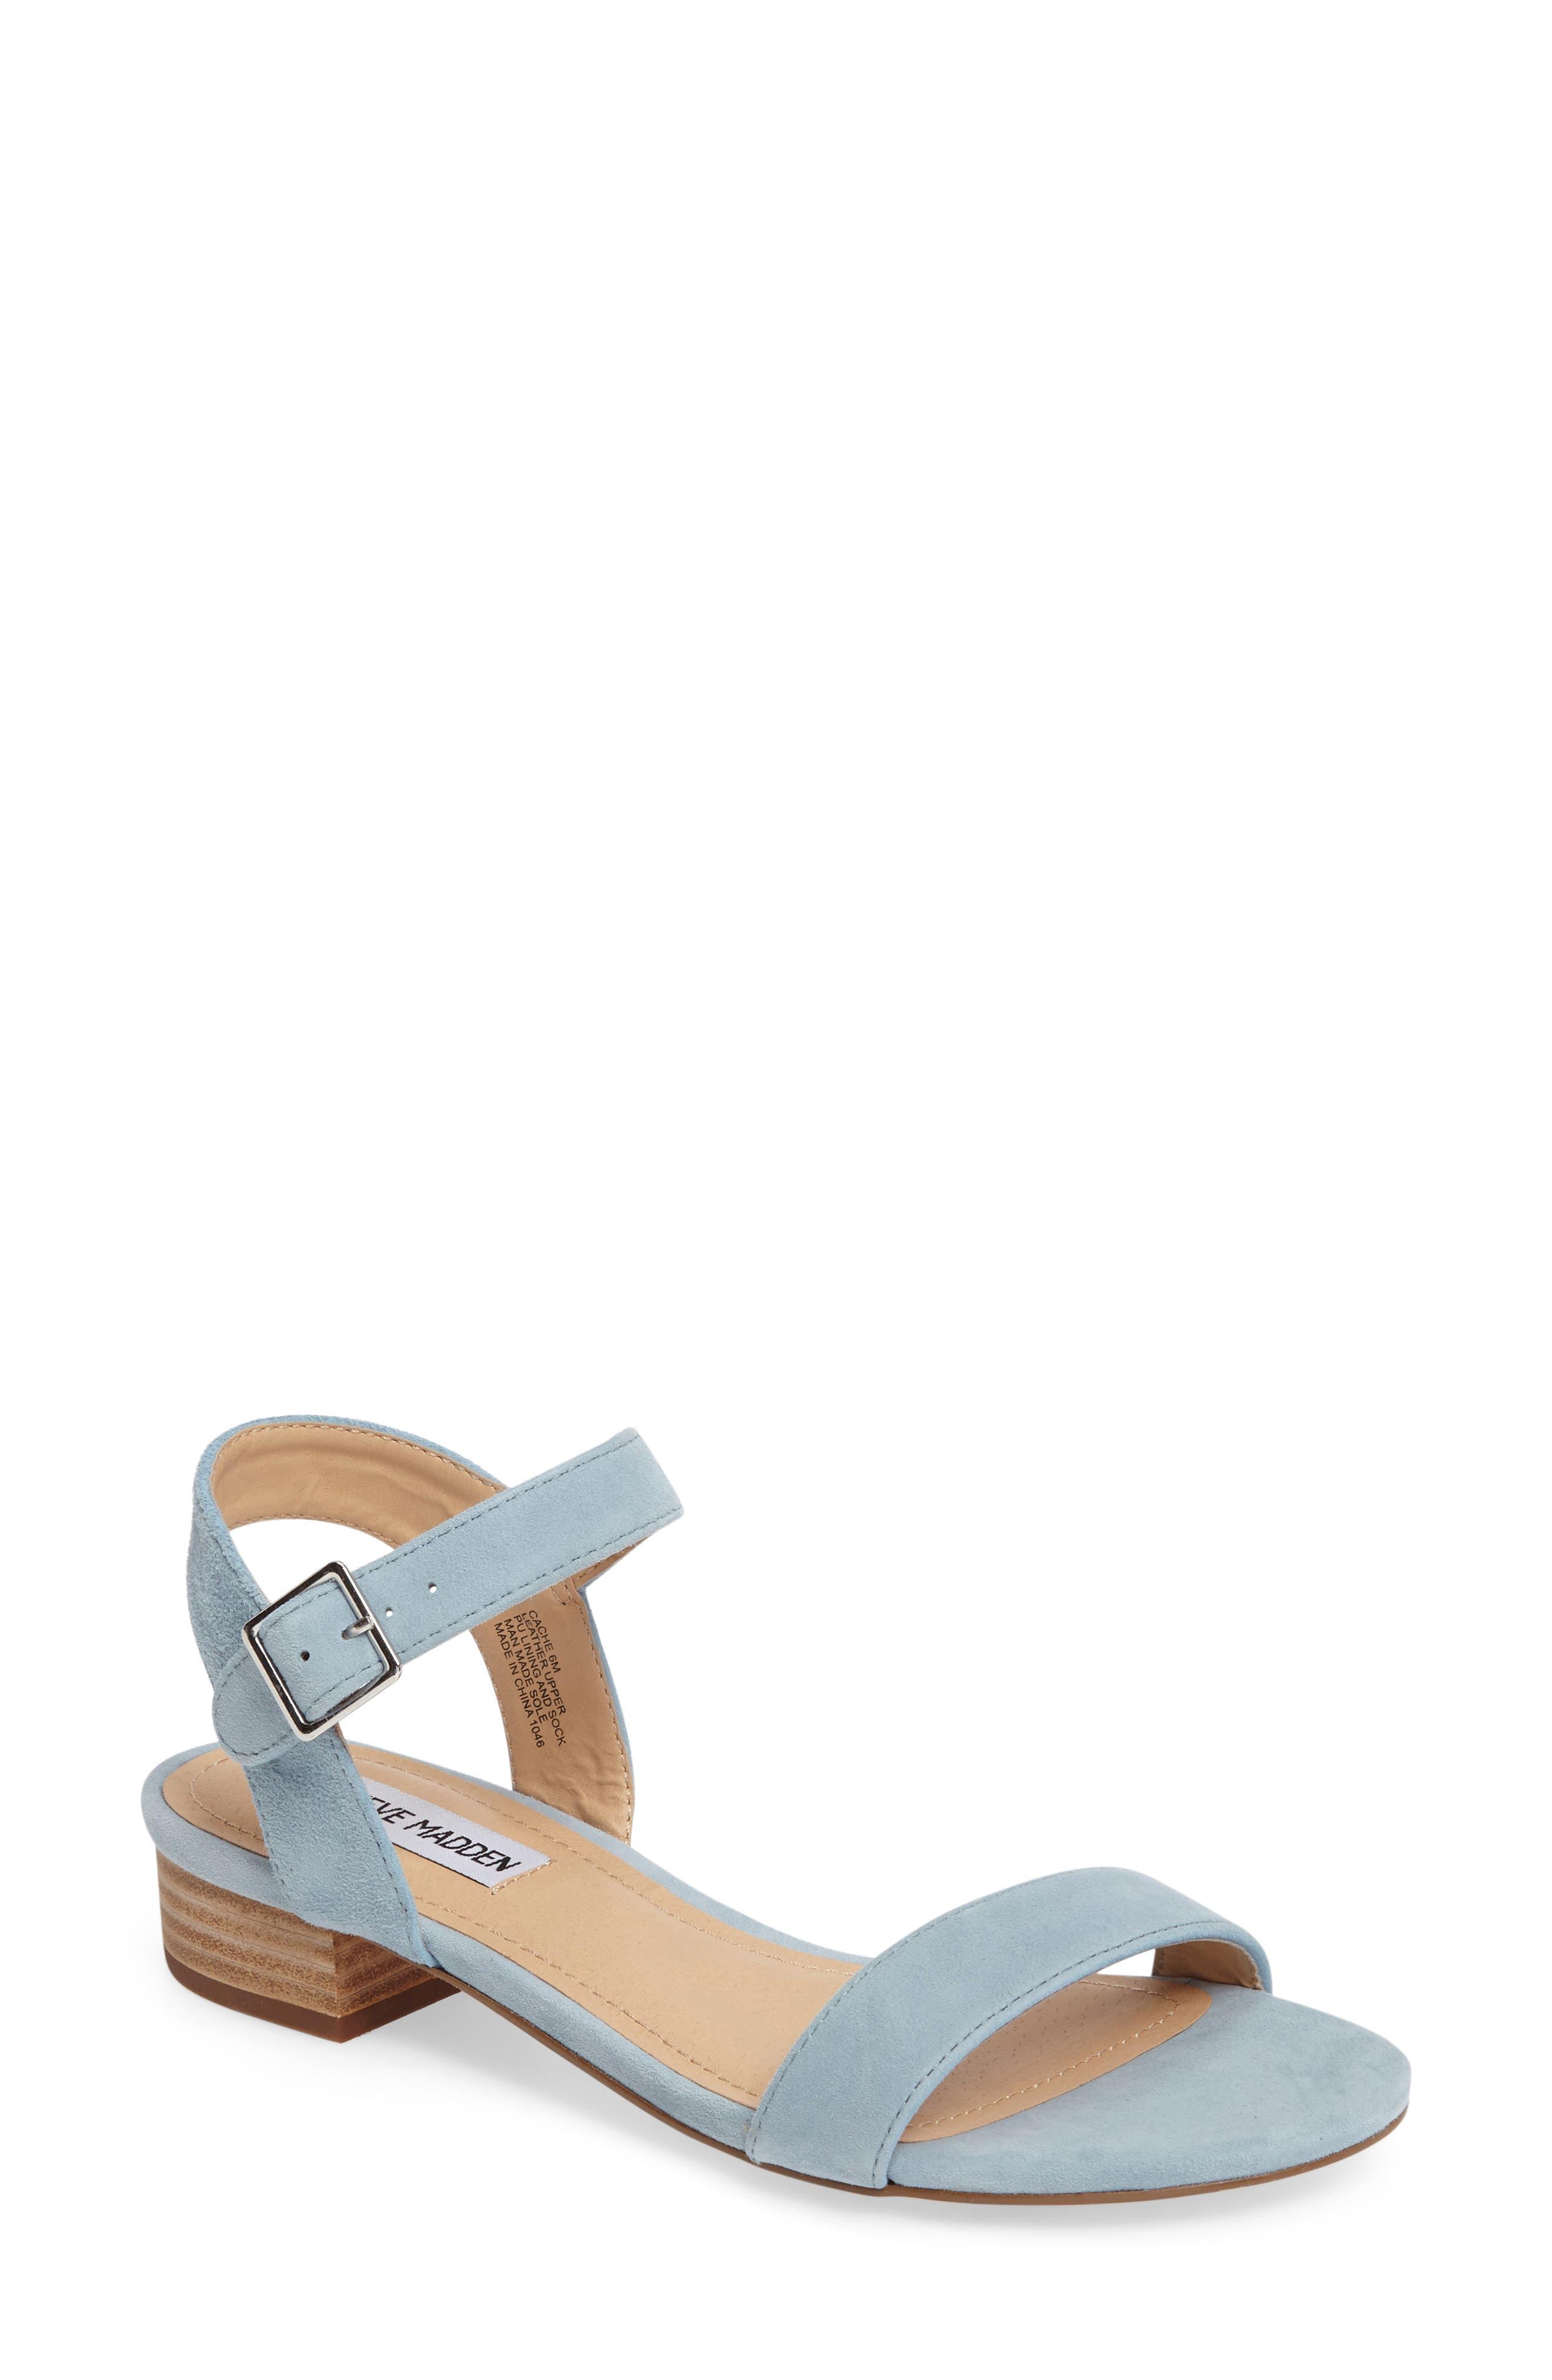 Cache Sandal,                         Main,                         color, Light Blue